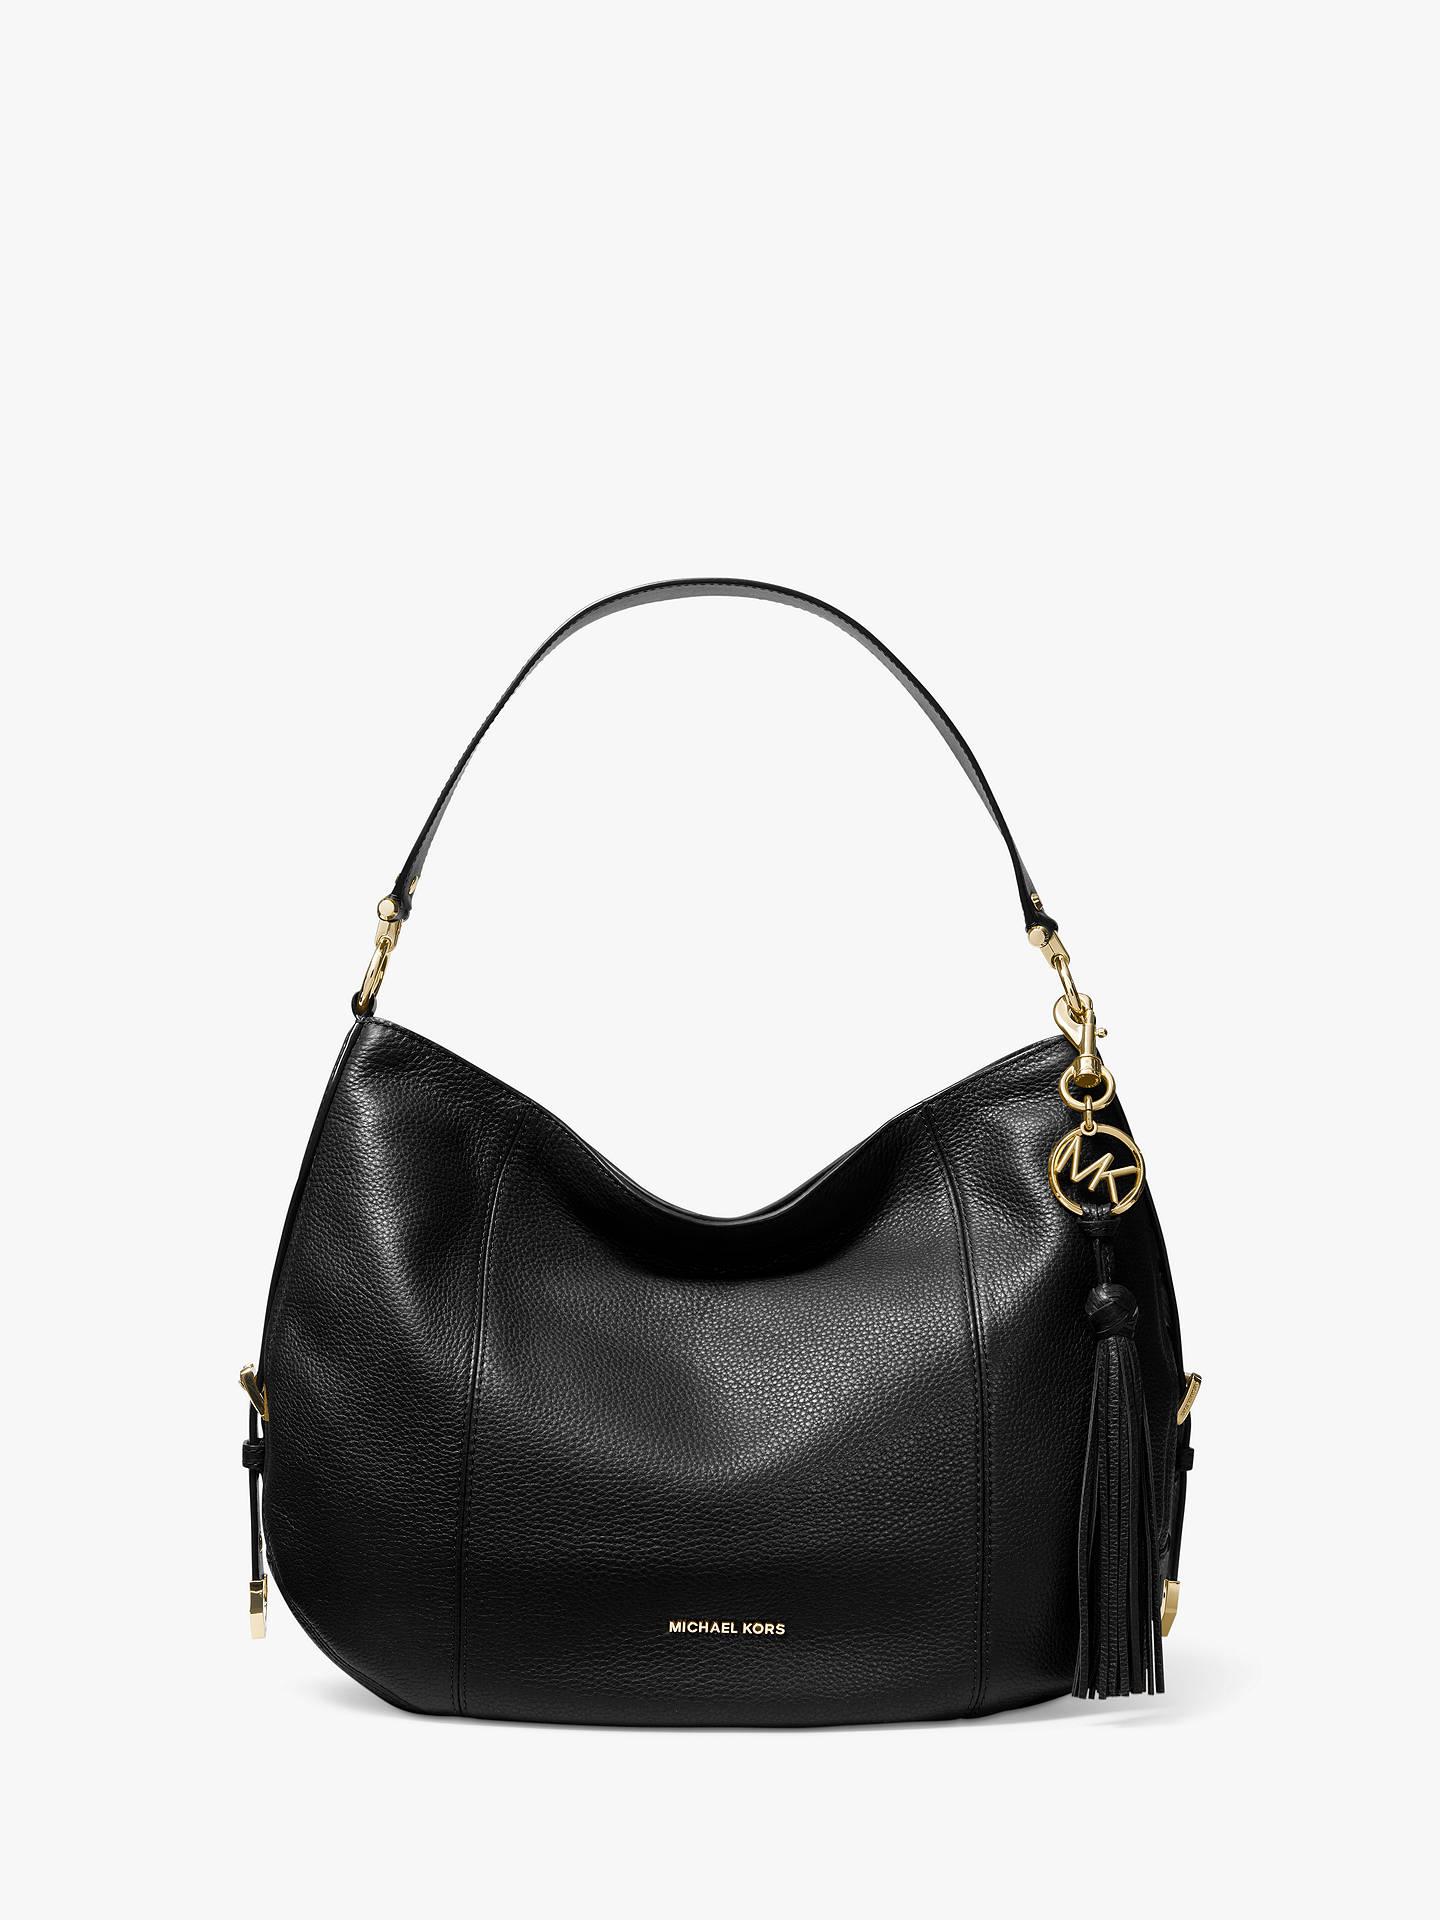 8050a3947 Buy MICHAEL Michael Kors Brooke Large Leather Hobo Bag, Black Online at  johnlewis.com ...